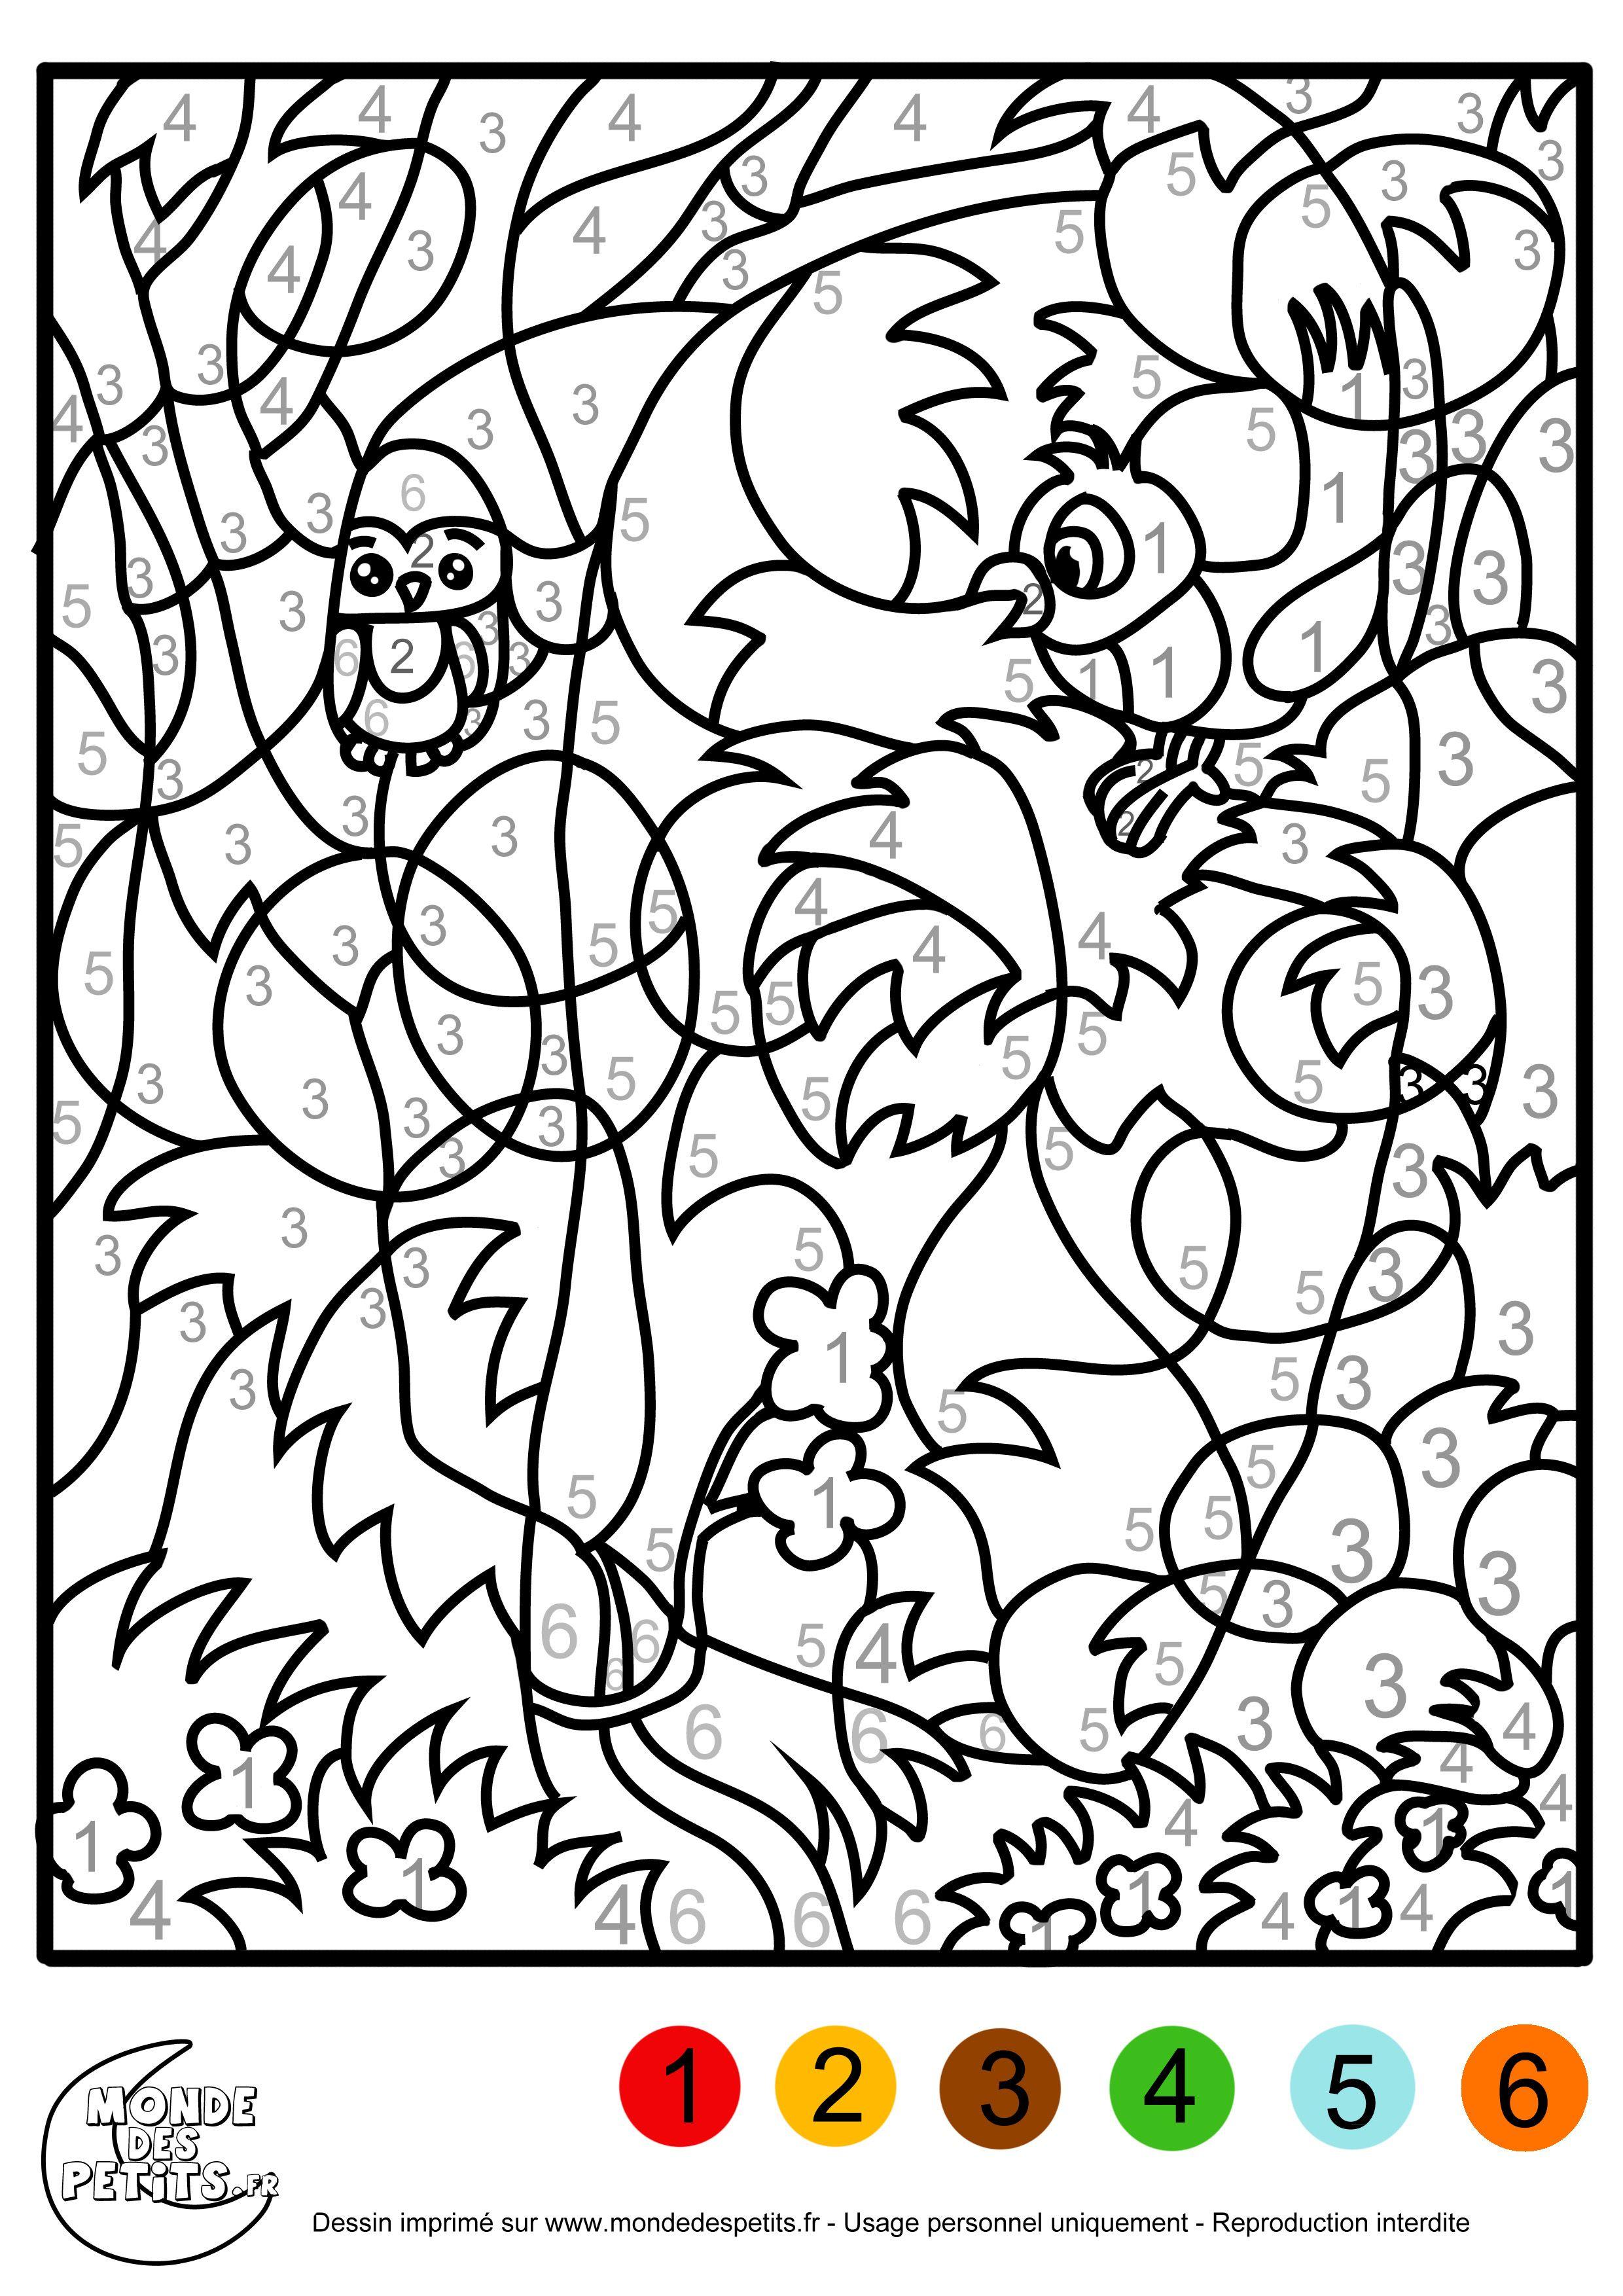 Coloriage magique poisson d avril bricolage et diy pinterest coloriage magique gs - Poisson d avril images gratuites ...